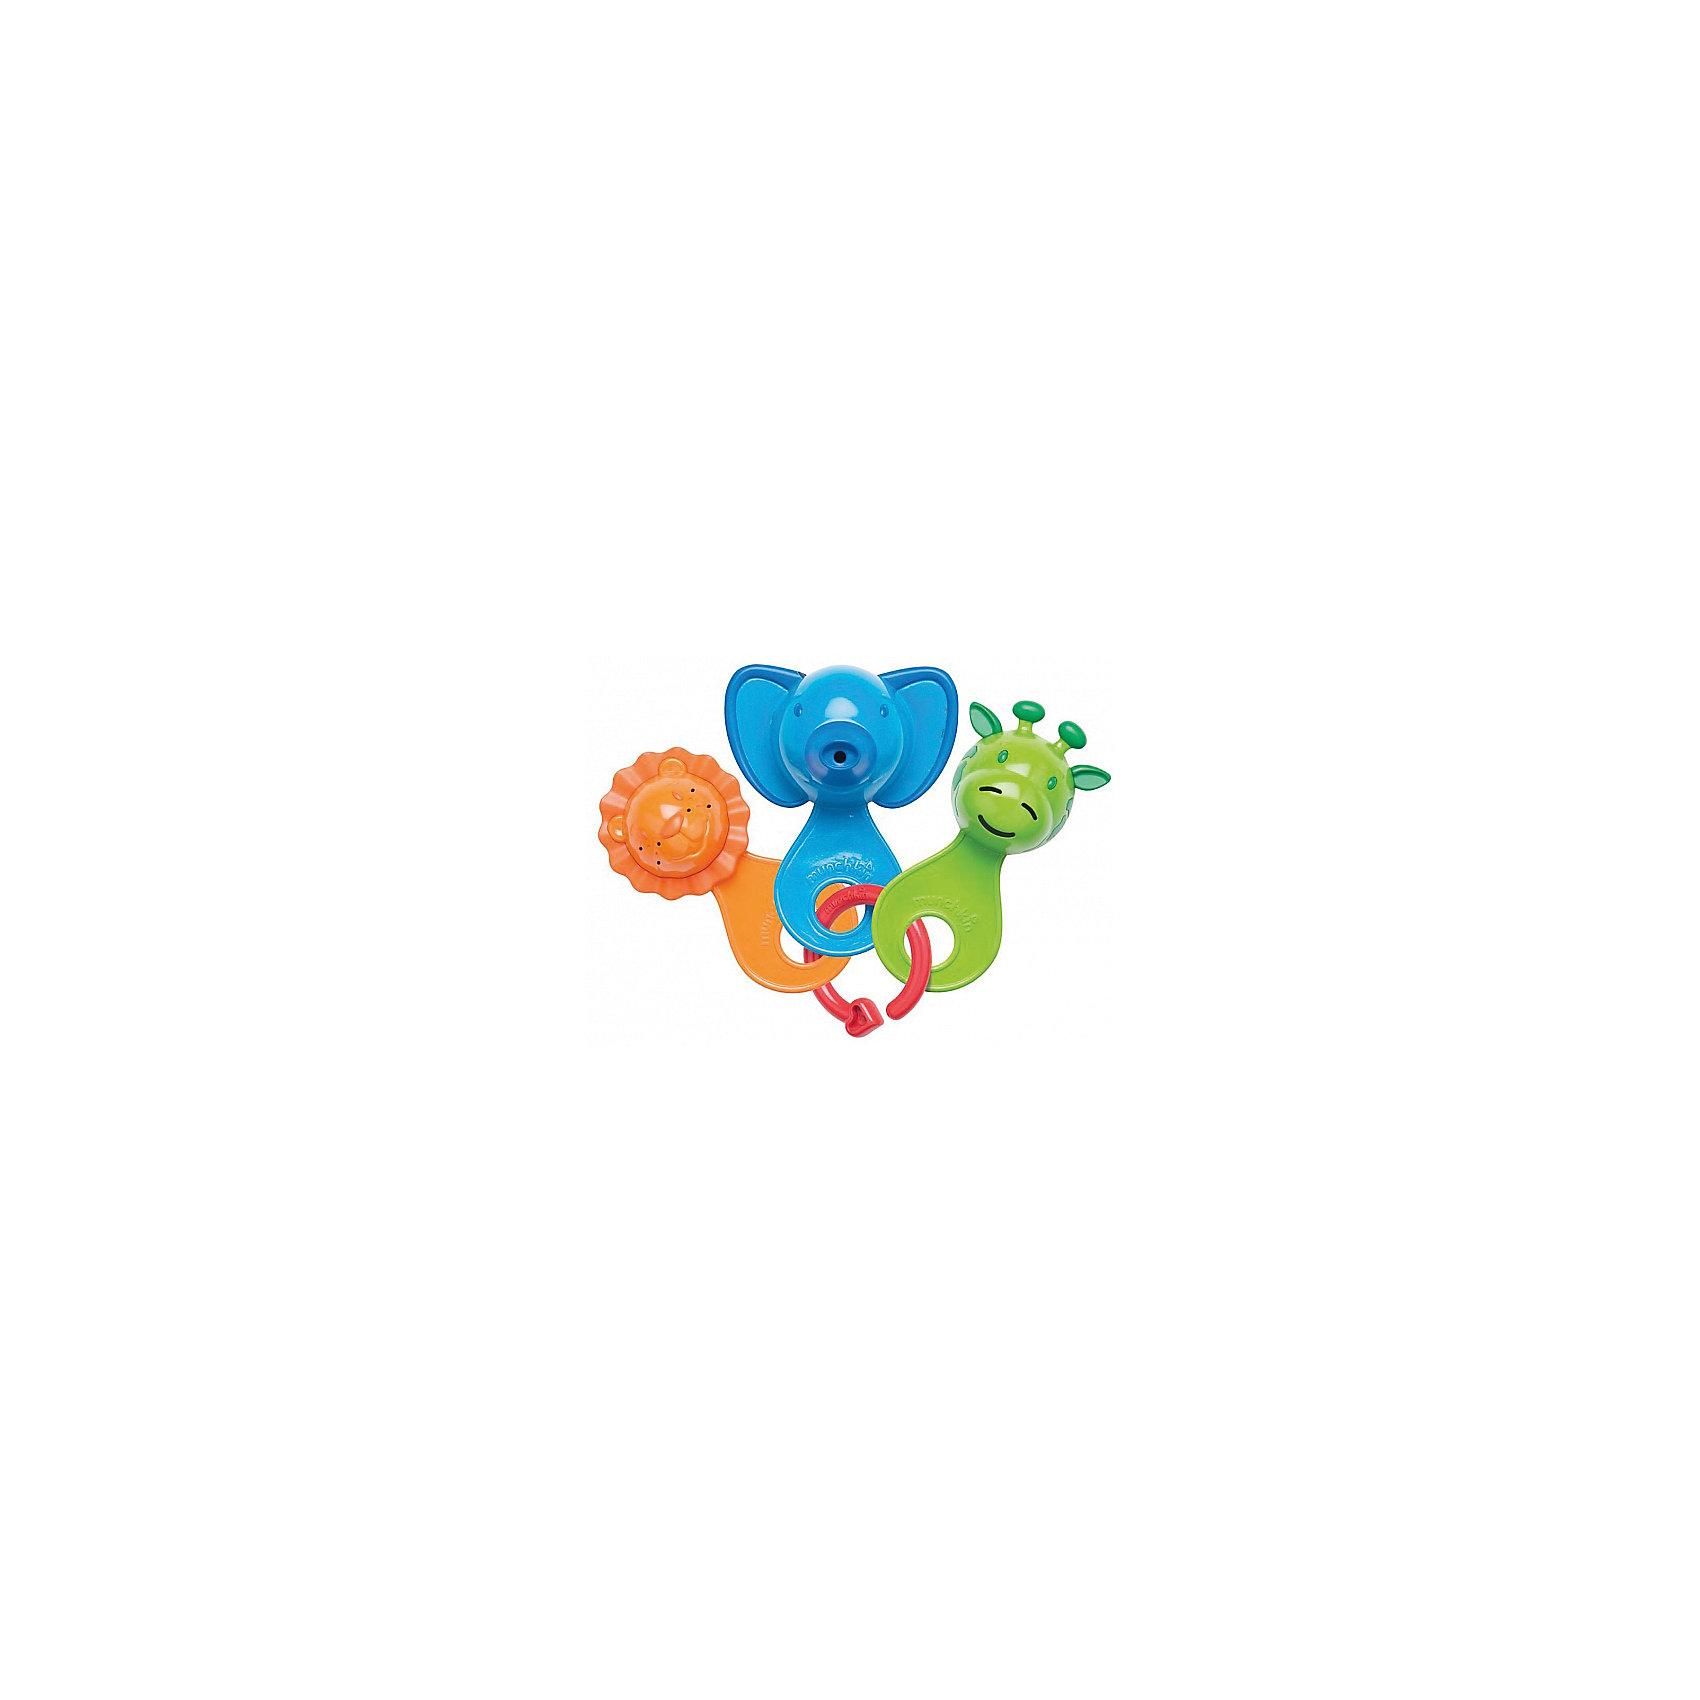 Игрушка для ванны Весёлые ситечки 6+, MunchkinИгрушка для ванны Весёлые ситечки 6+, Munchkin (Манчкин) - непременно понравится вашему малышу и превратит купание в веселую игру!<br>Набор разноцветных игрушек-ситечек развлечет ребенка во время купания и познакомит с окружающим его миром. Ребенок с удовольствием будет зачерпывать и просеивать водичку, наблюдая, как она вытекает из разноцветных мордочек разных размеров и форм. Каждое ситечко имеет уникальный рисунок и мягкие края для удобства хватания. Развивает мелкую моторику рук. Миссия Munchkin (Манчкин), американской компании с 20-летней историей: избавить мир от надоевших и прозаических товаров, искать умные инновационные решения, которые превращает обыденные задачи в опыт, приносящий удовольствие. Понимая, что наибольшее значение в быту имеют именно мелочи, компания создает уникальные товары, которые помогают поддерживать порядок, организовывать пространство, облегчают уход за детьми – недаром компания имеет уже более 140 патентов и изобретений, используемых в создании ее неповторимой и оригинальной продукции. Munchkin (Манчкин) делает жизнь родителей легче!<br><br>Дополнительная информация:<br><br>- Для детей с 6 месяцев<br>- В наборе: три разноцветных ситечек-животных, соединенных на пластиковое кольцо<br>- Материал: пластмасса<br>- Длина ситечек: 11 см.<br>- Размер упаковки: 20х18х6 см.<br>- Вес: 100 гр.<br><br>Игрушку для ванны Весёлые ситечки 6+, Munchkin (Манчкин) можно купить в нашем интернет-магазине.<br><br>Ширина мм: 200<br>Глубина мм: 180<br>Высота мм: 60<br>Вес г: 100<br>Возраст от месяцев: 6<br>Возраст до месяцев: 36<br>Пол: Унисекс<br>Возраст: Детский<br>SKU: 4701927